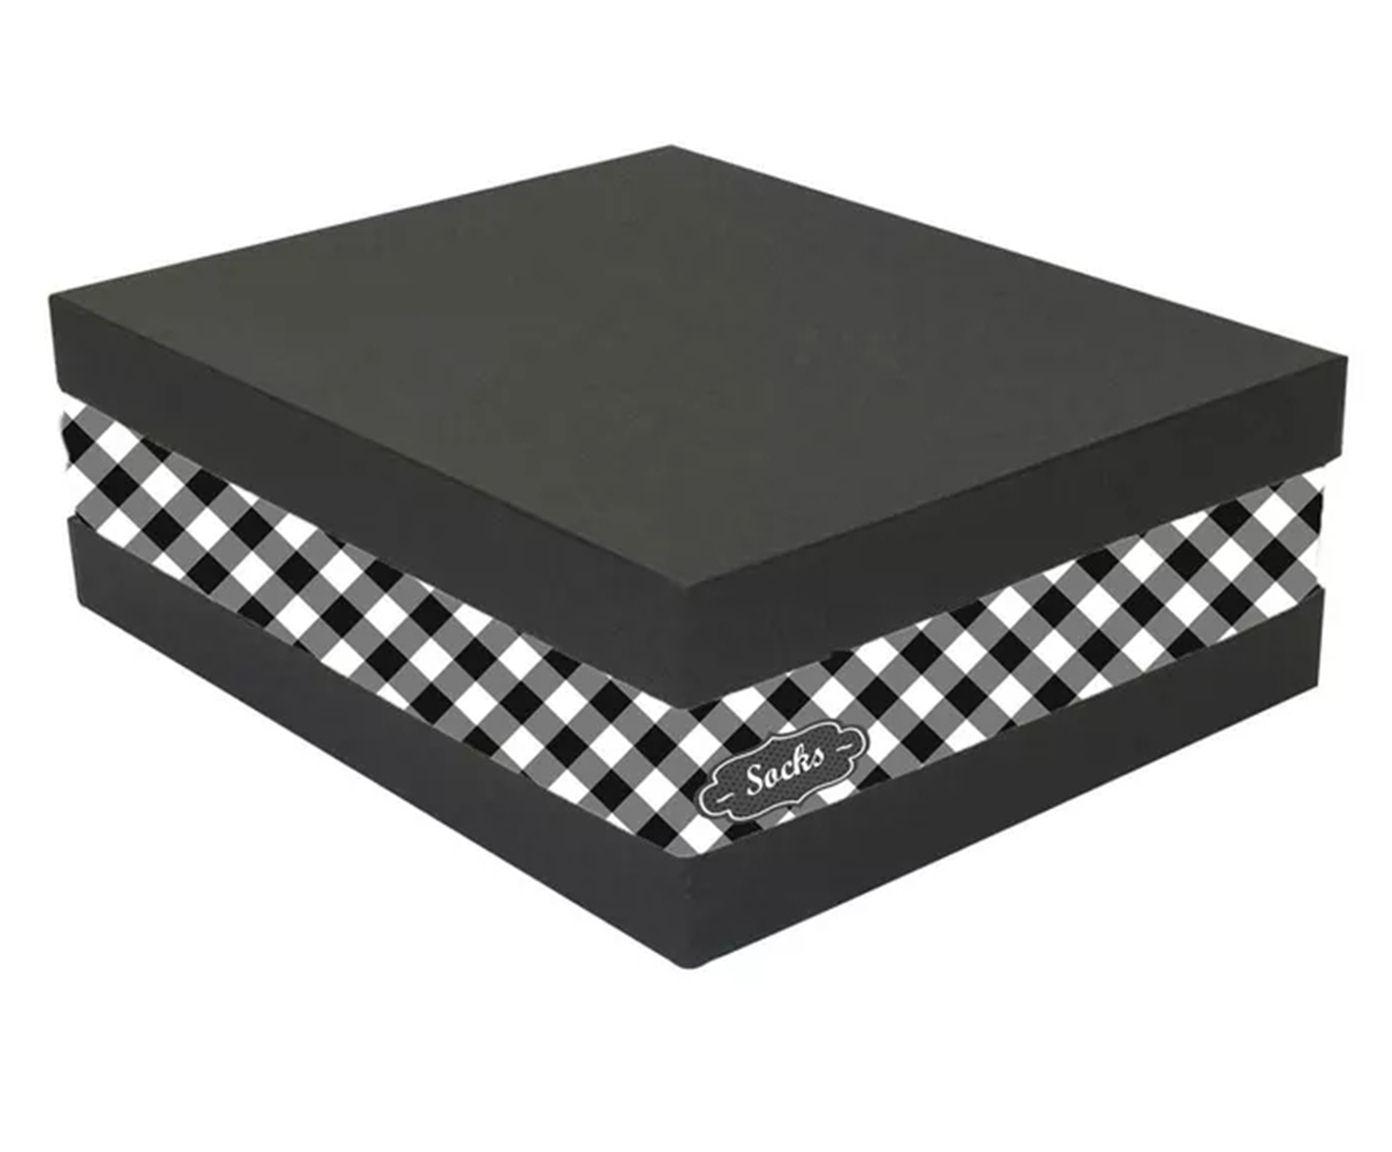 Caixa Organizadora de Meias Eve Chess Preta e Branca - 25X11X30cm   Westwing.com.br